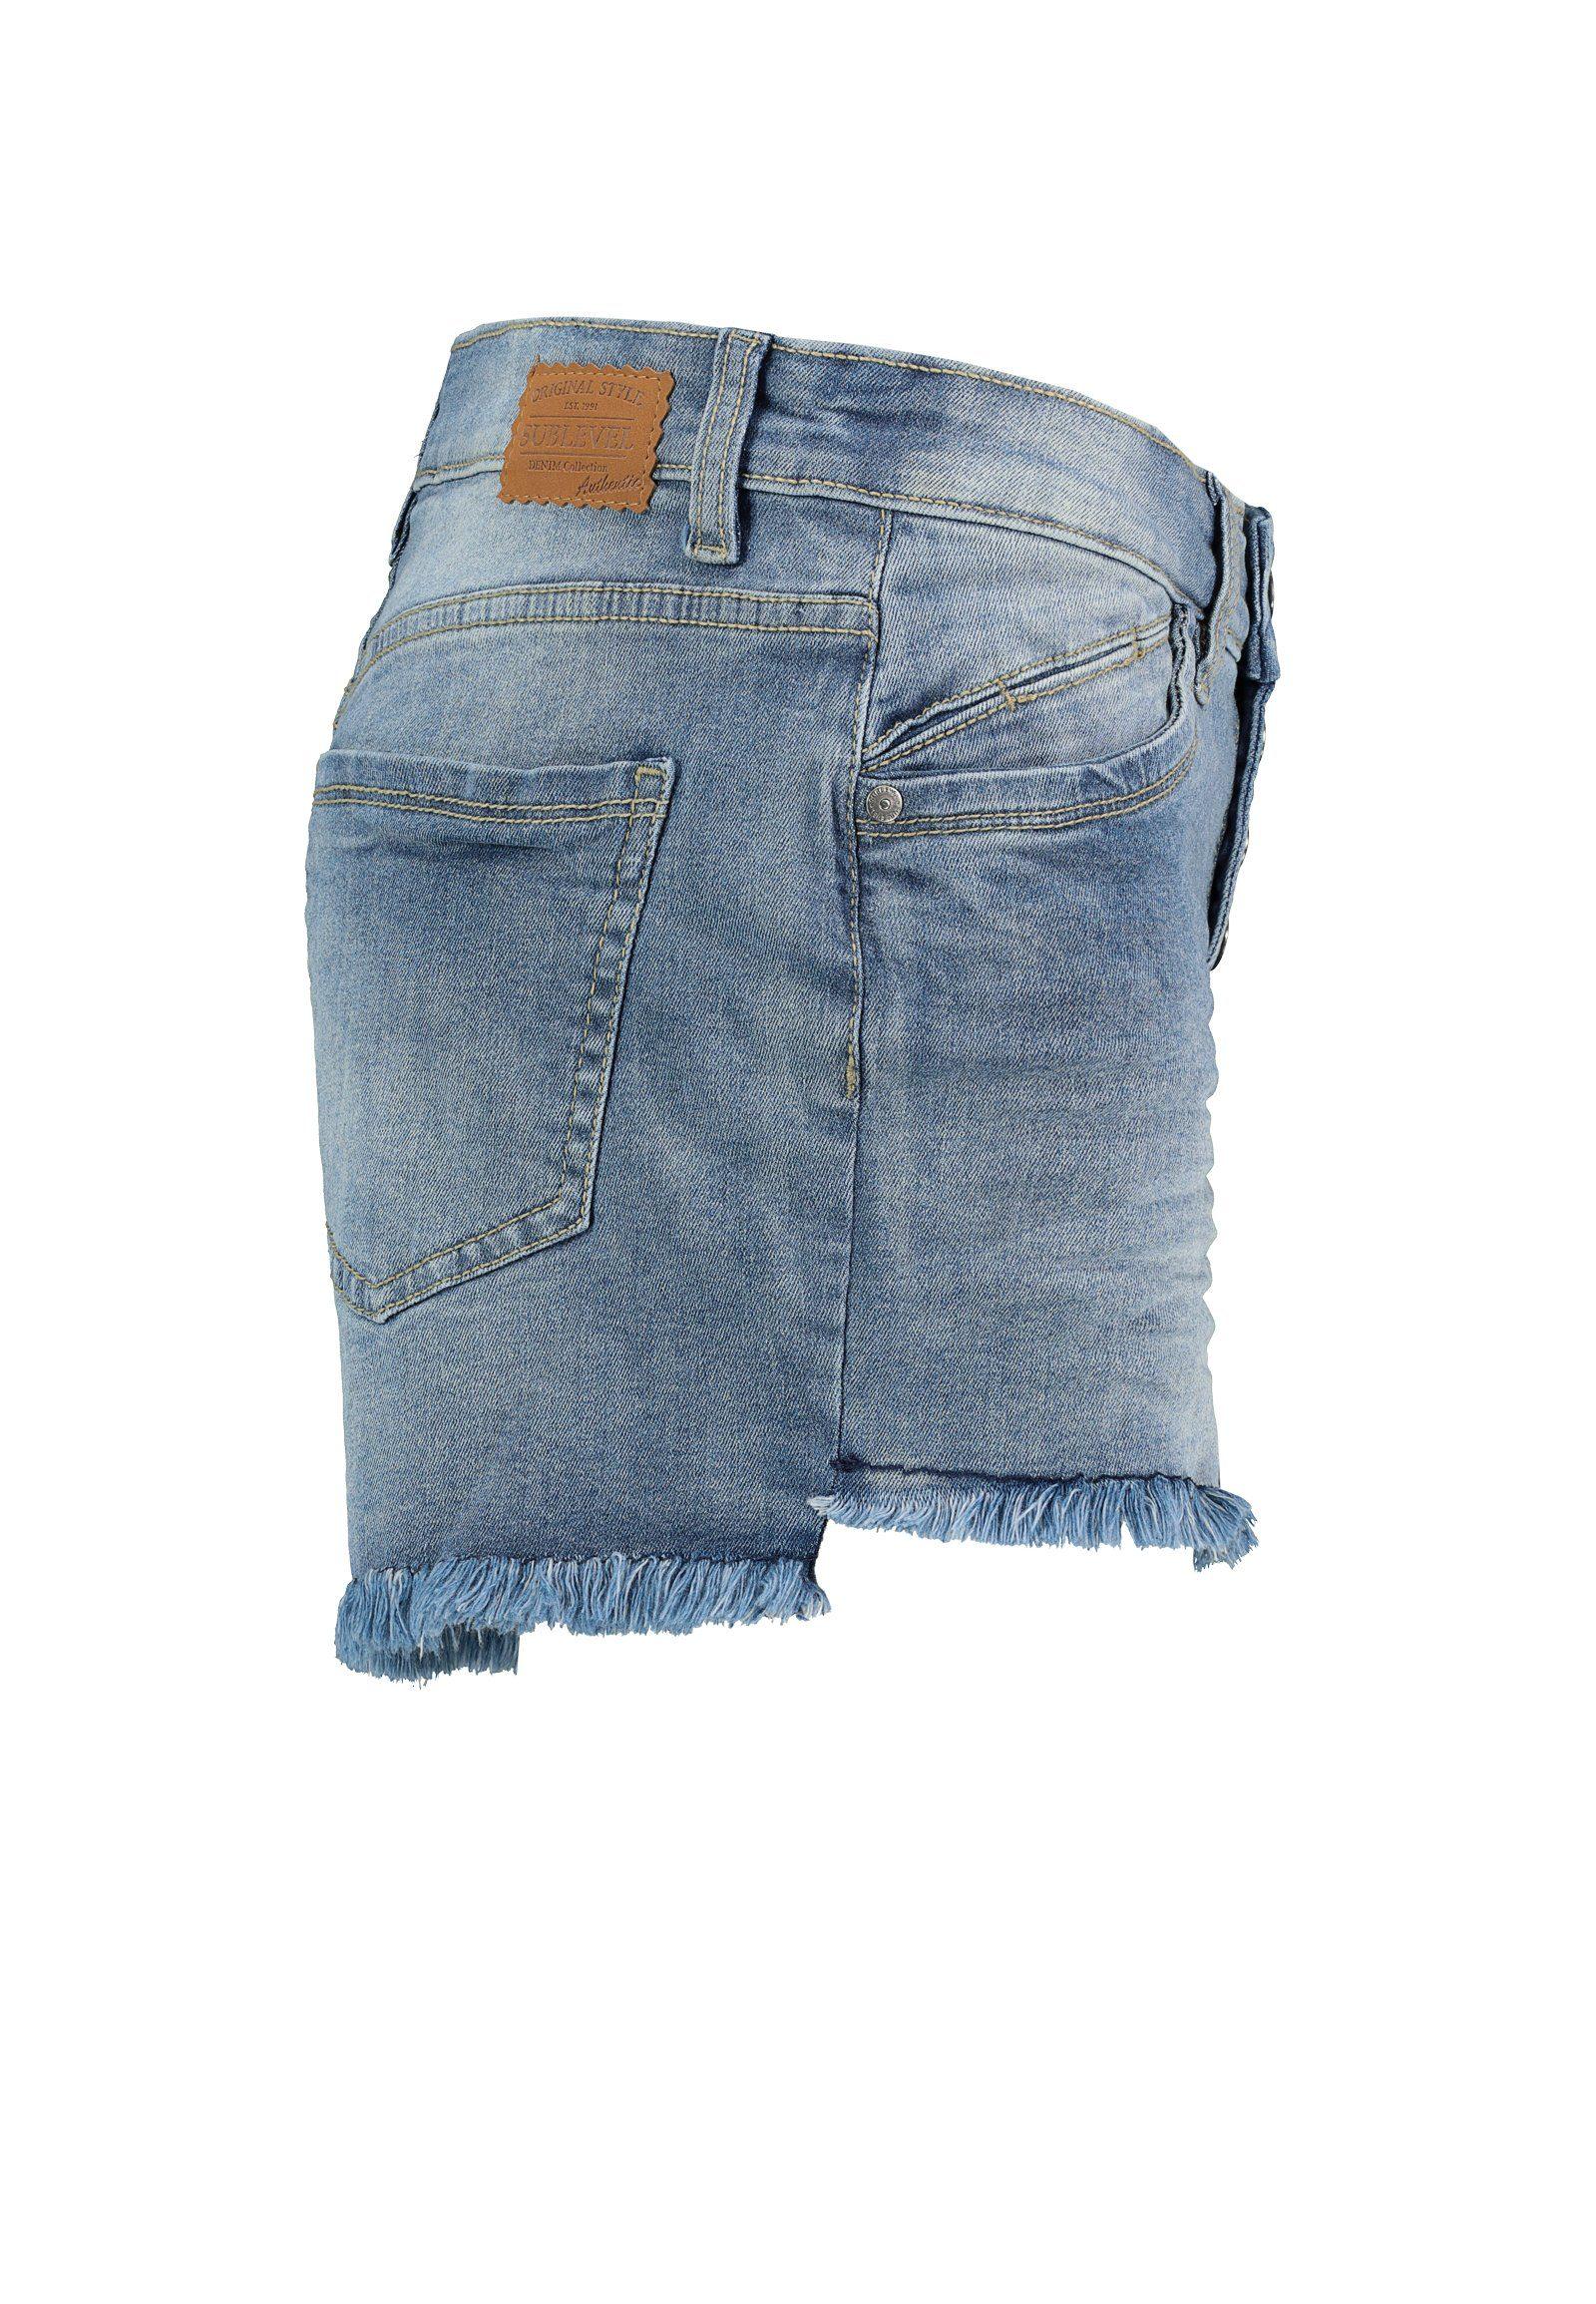 Sublevel Jeansshort Online Shop - Geweldige Prijs